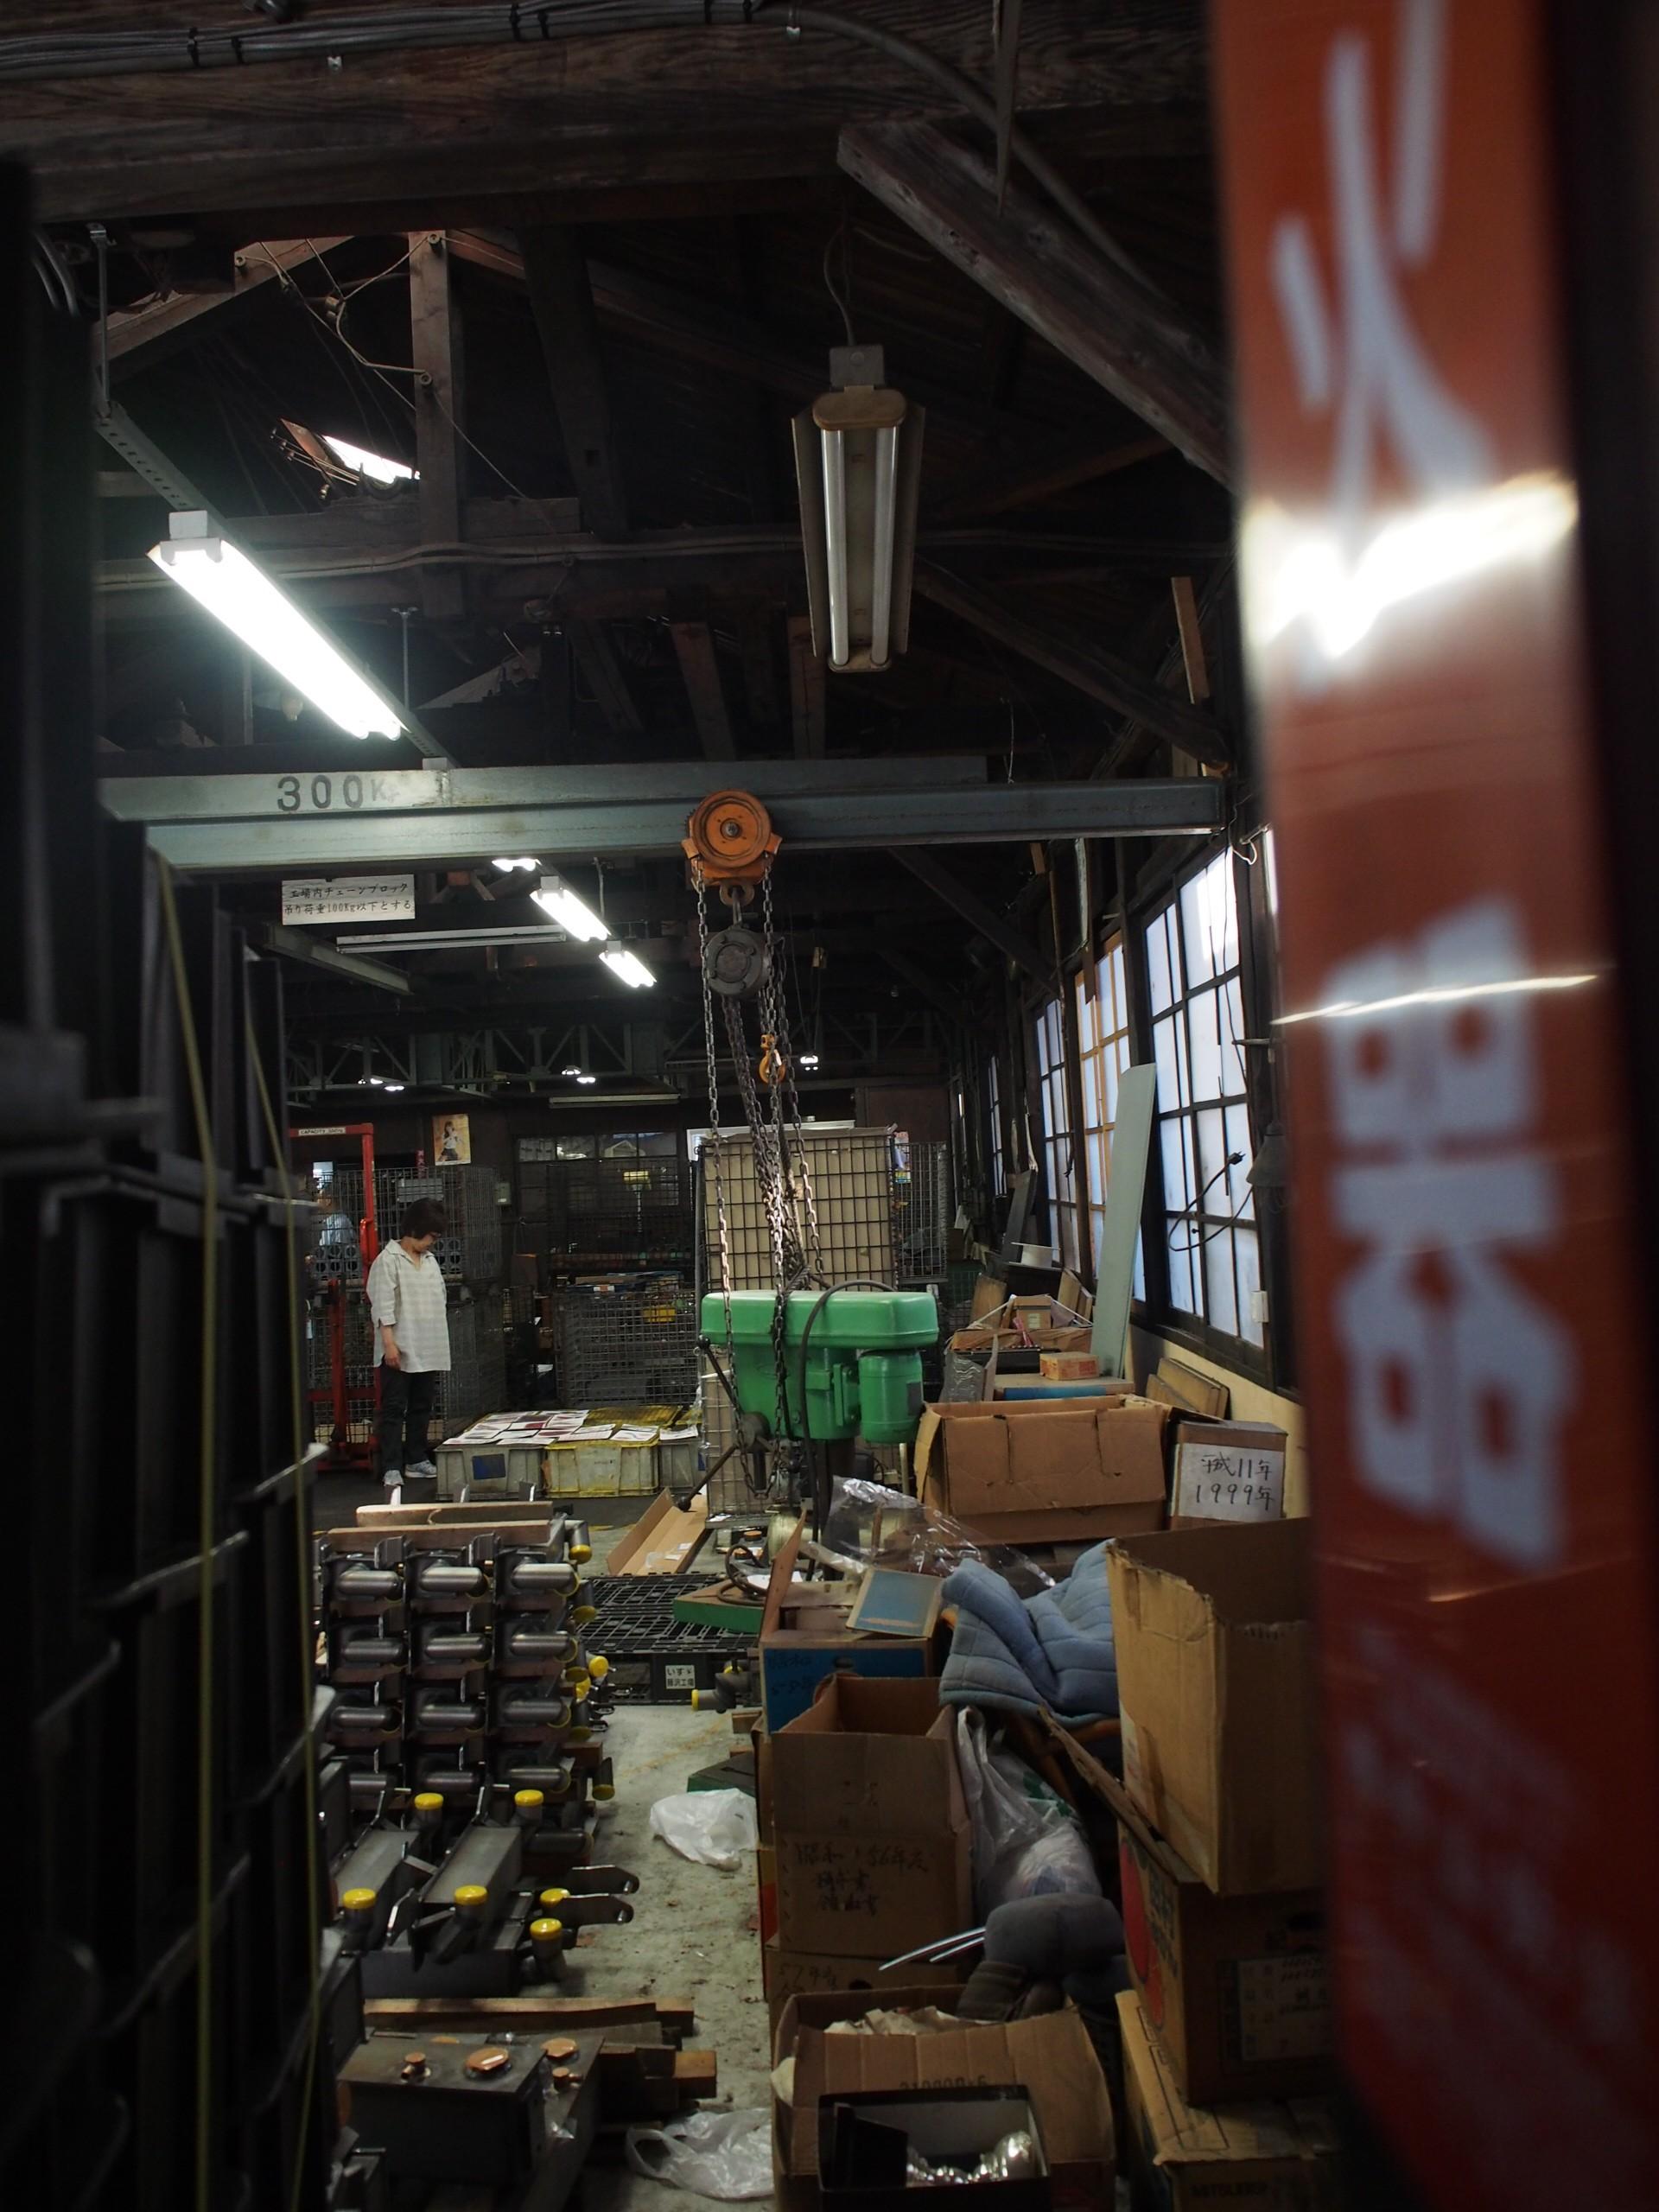 大田区西六郷「石戸製作所」。すでに工場としての役目を終え、建物は消えてしまいます。